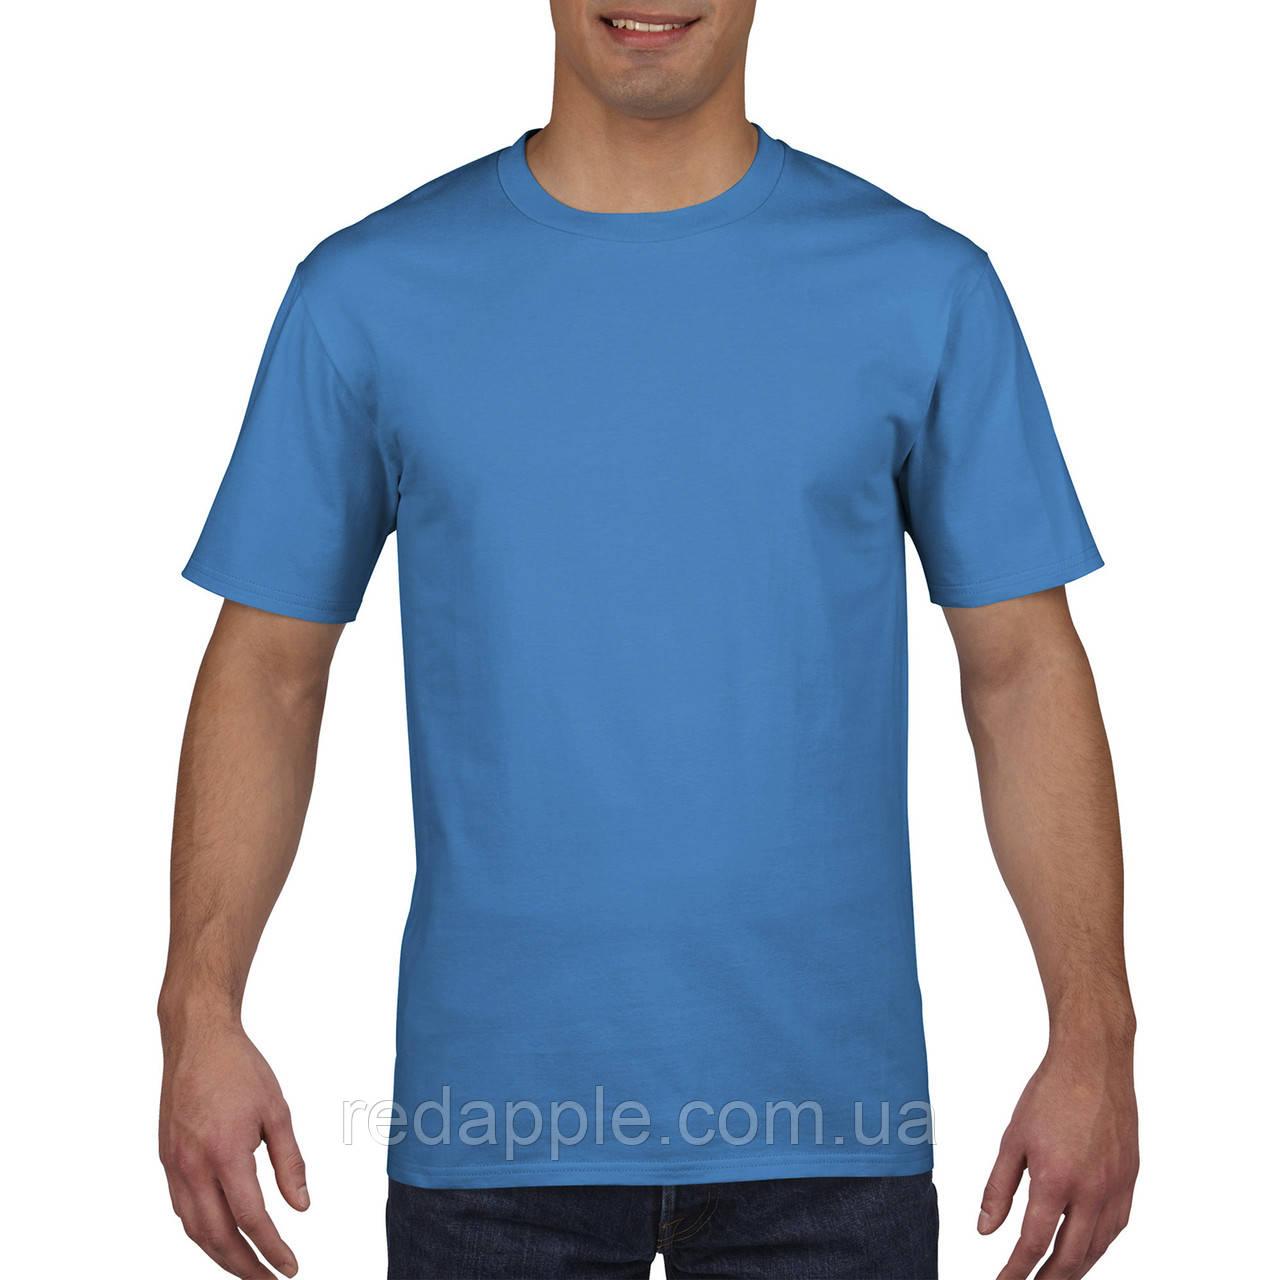 Футболка Premium Cotton 185